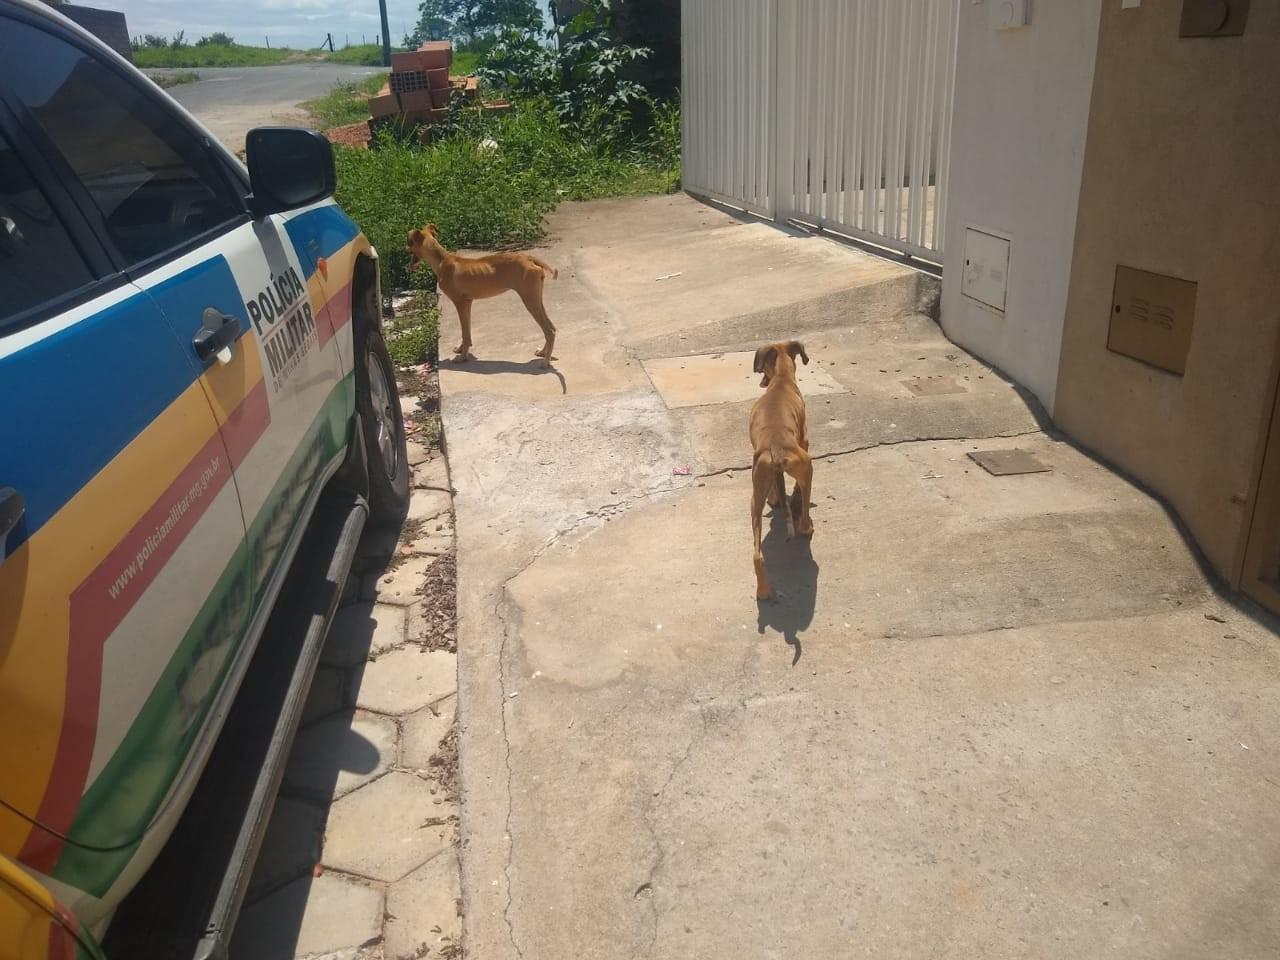 Polícia de Meio Ambiente registra situação de maus-tratos contra dois cachorros no Bairro Cidade Nova, em Formiga